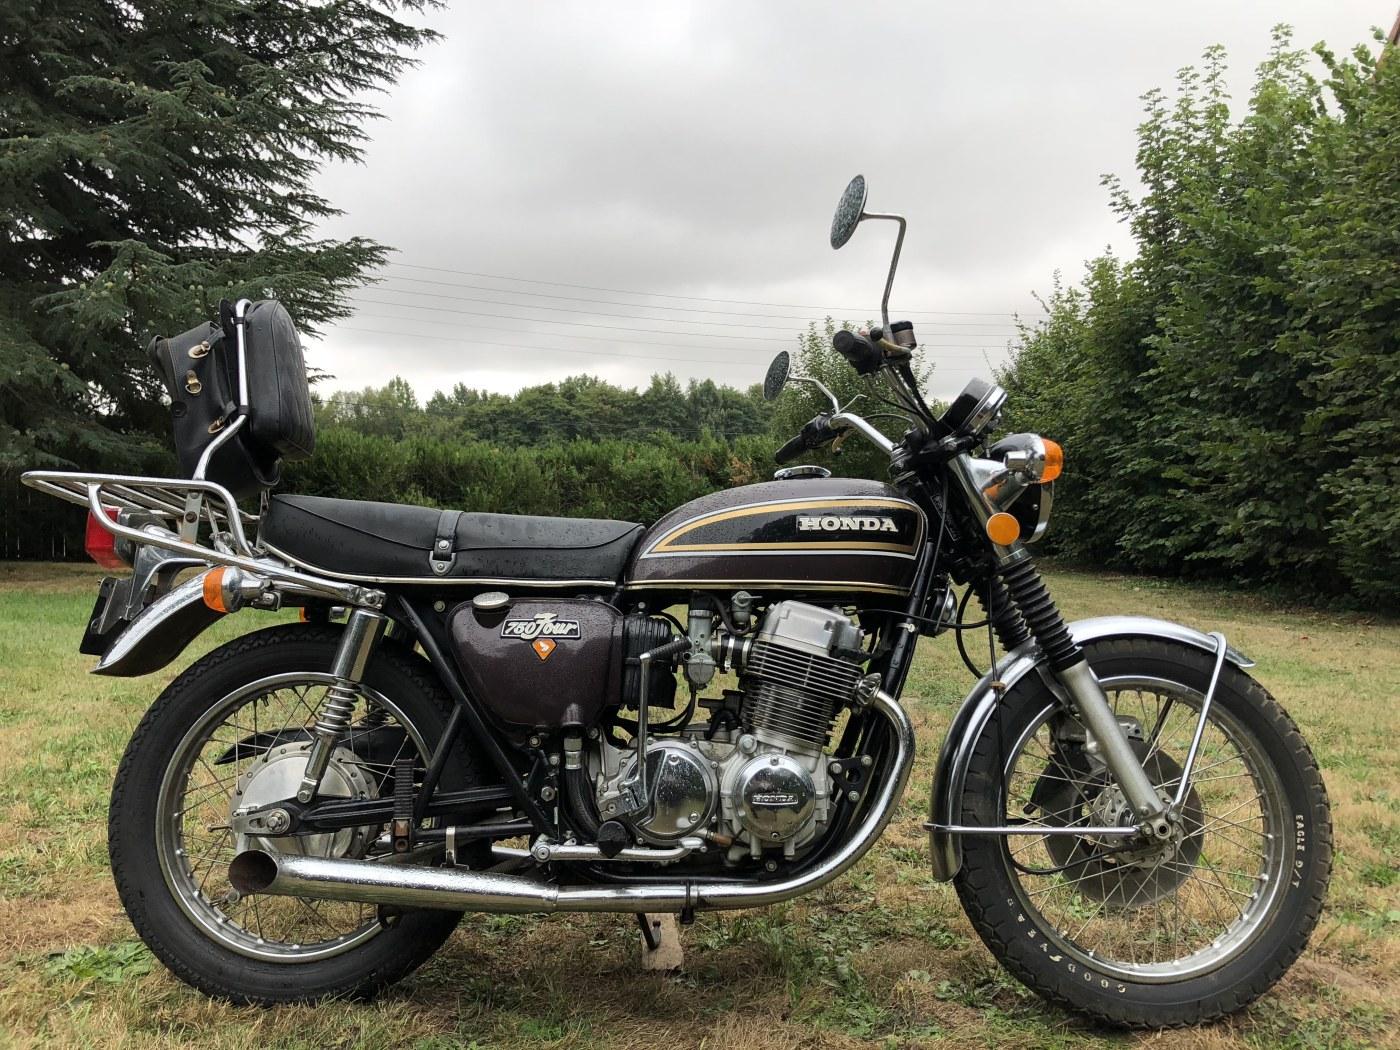 56-HONDA-CB-750-FOUR-K4-1974